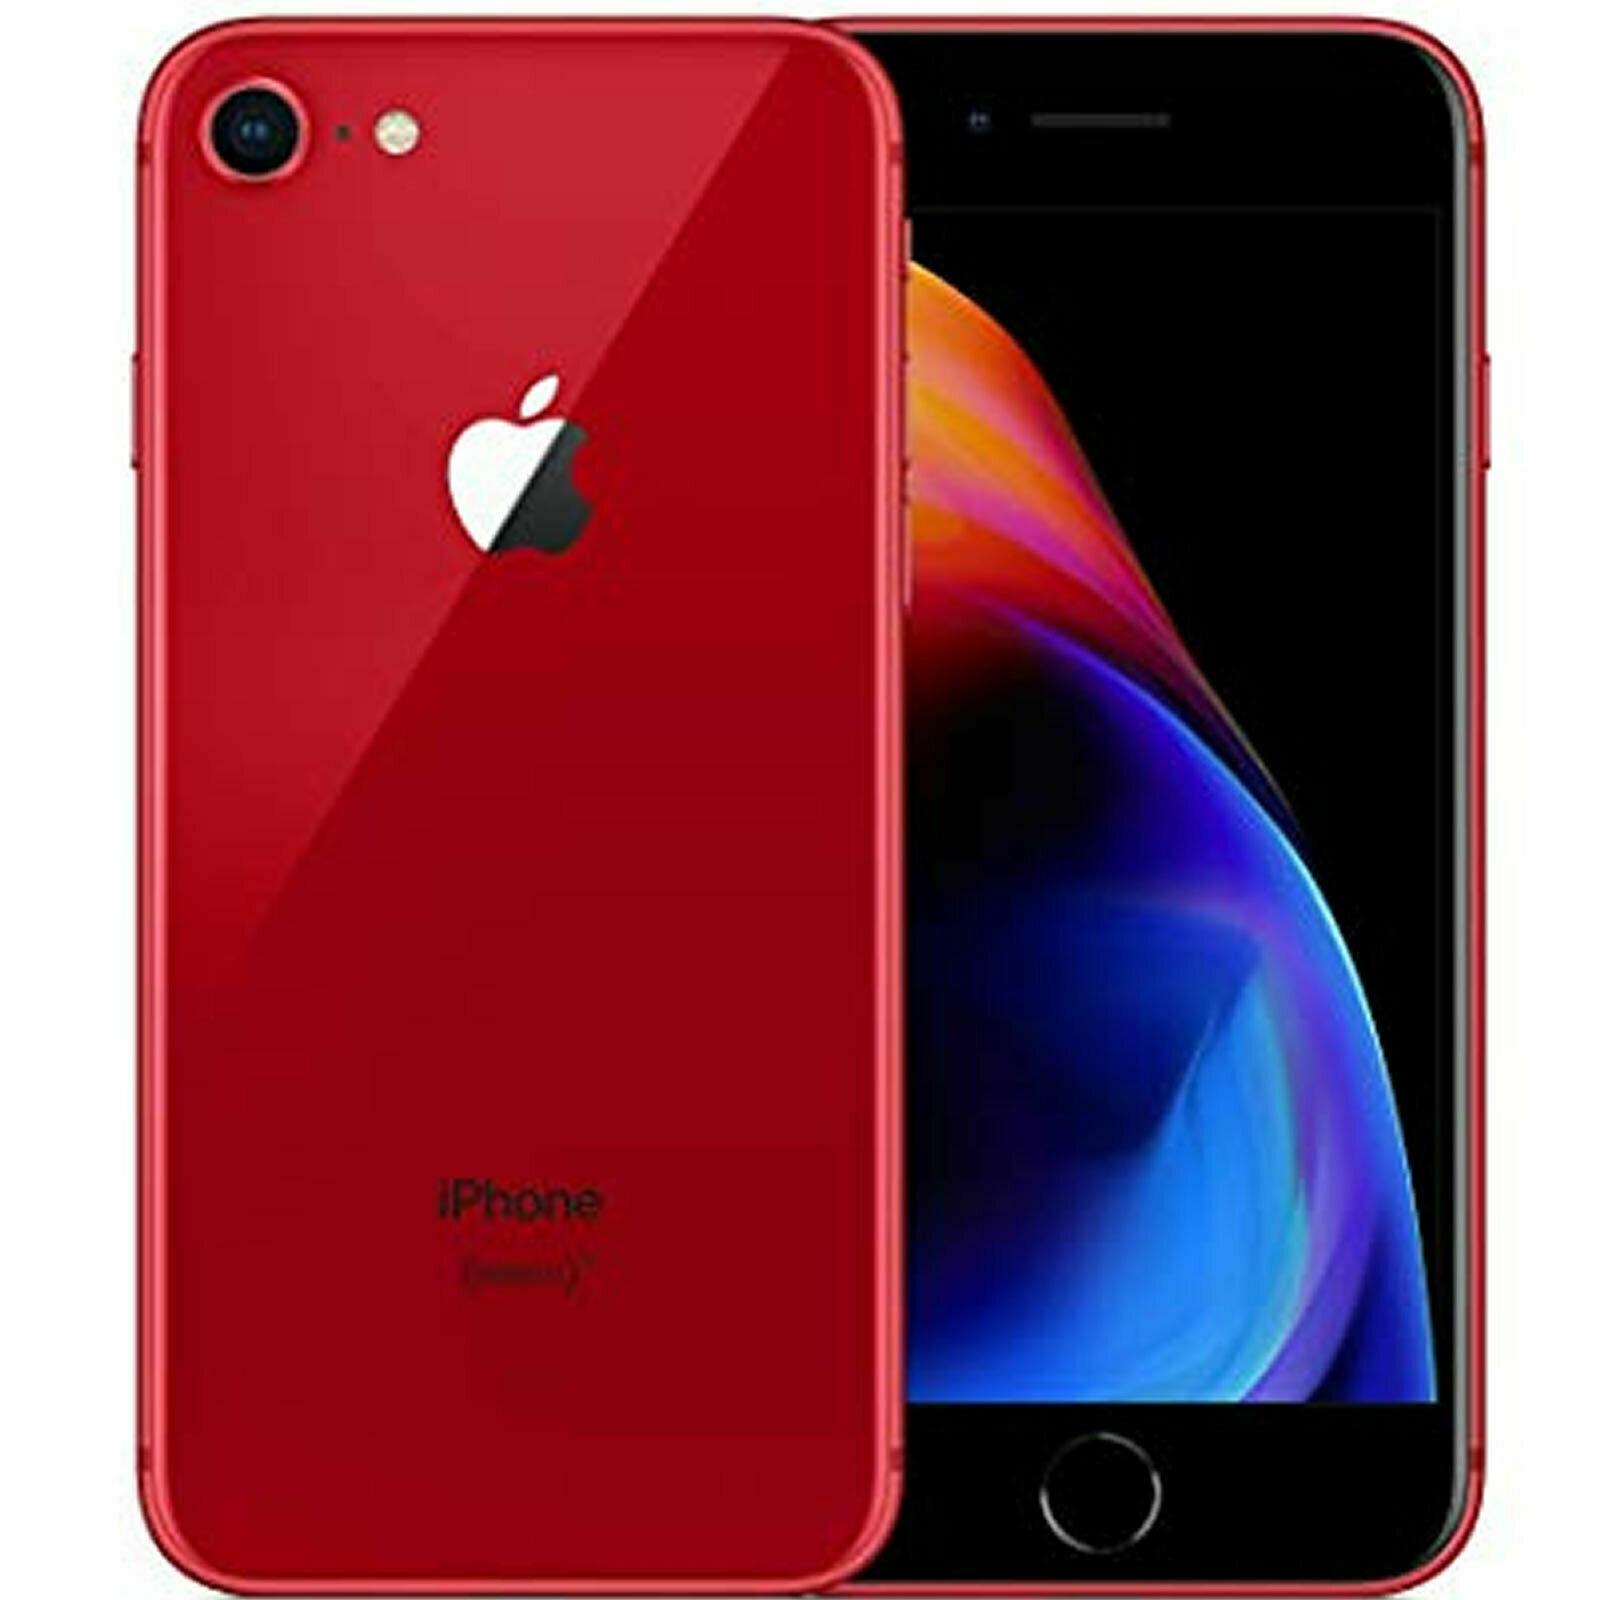 Apple Iphone 8 - 64Gb  Top Handy Ohne Vertrag Farben Smartphone De Versand 5